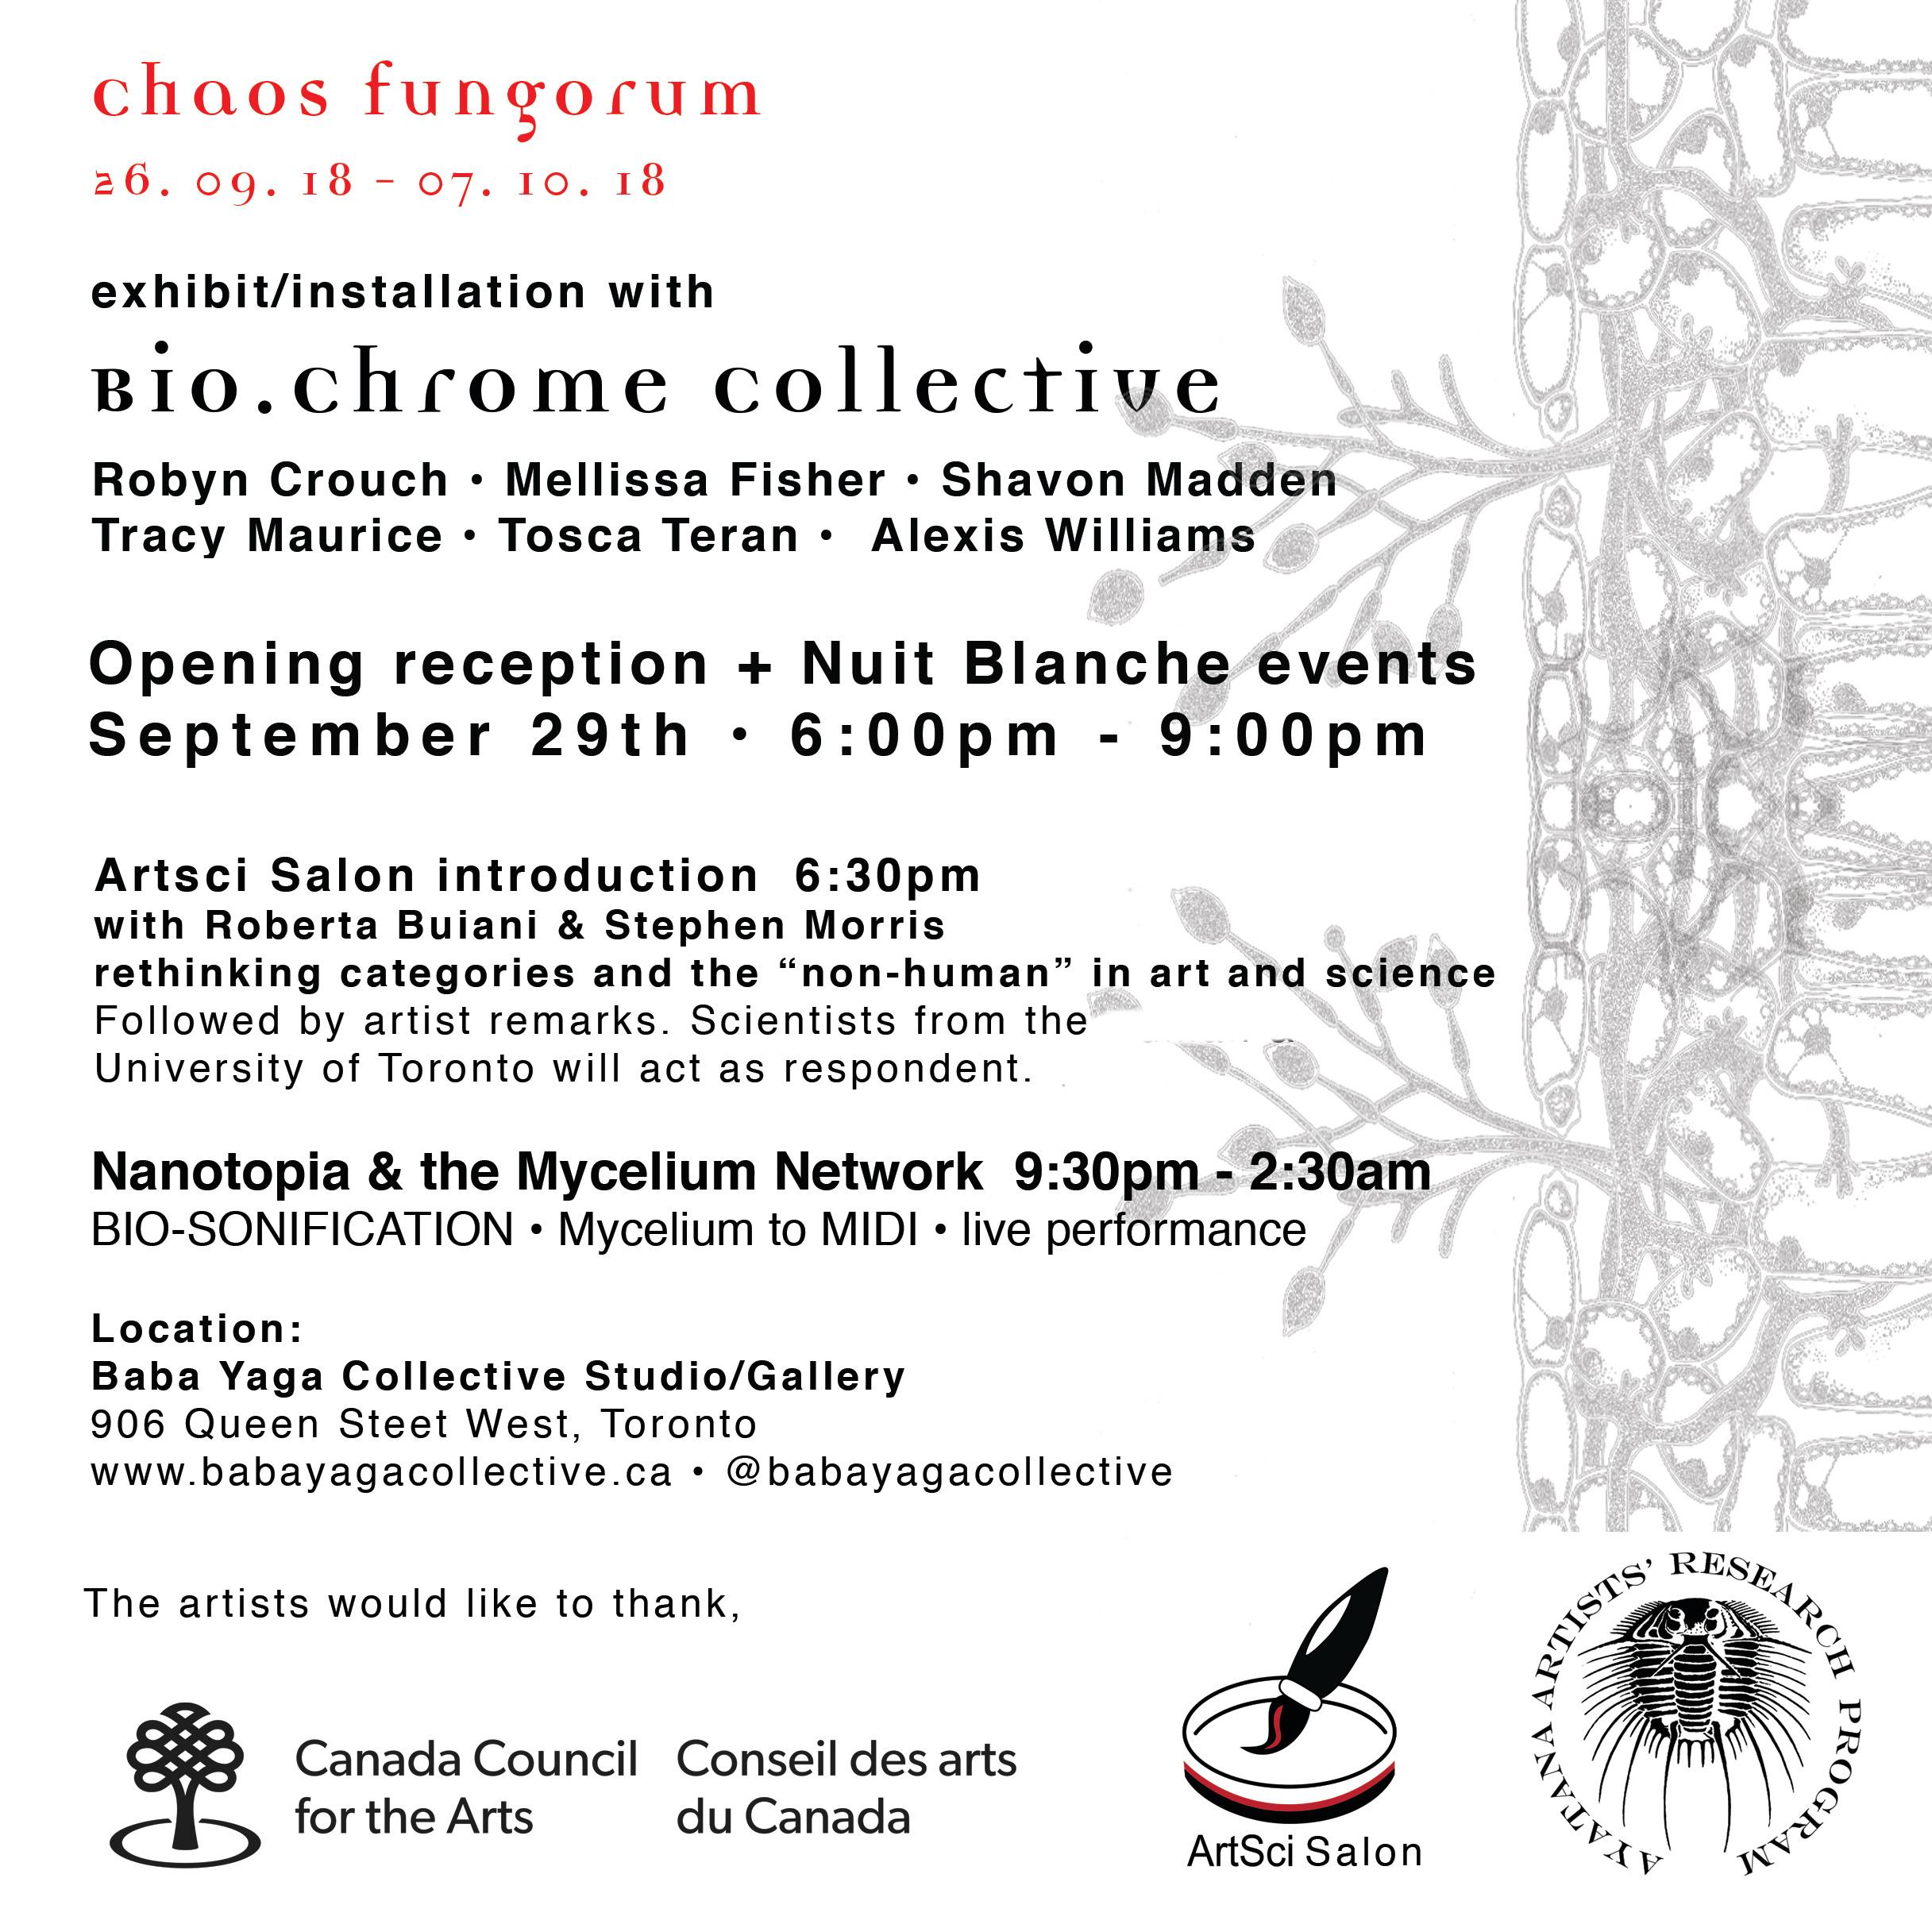 Chaos Fungorum an Exhibition